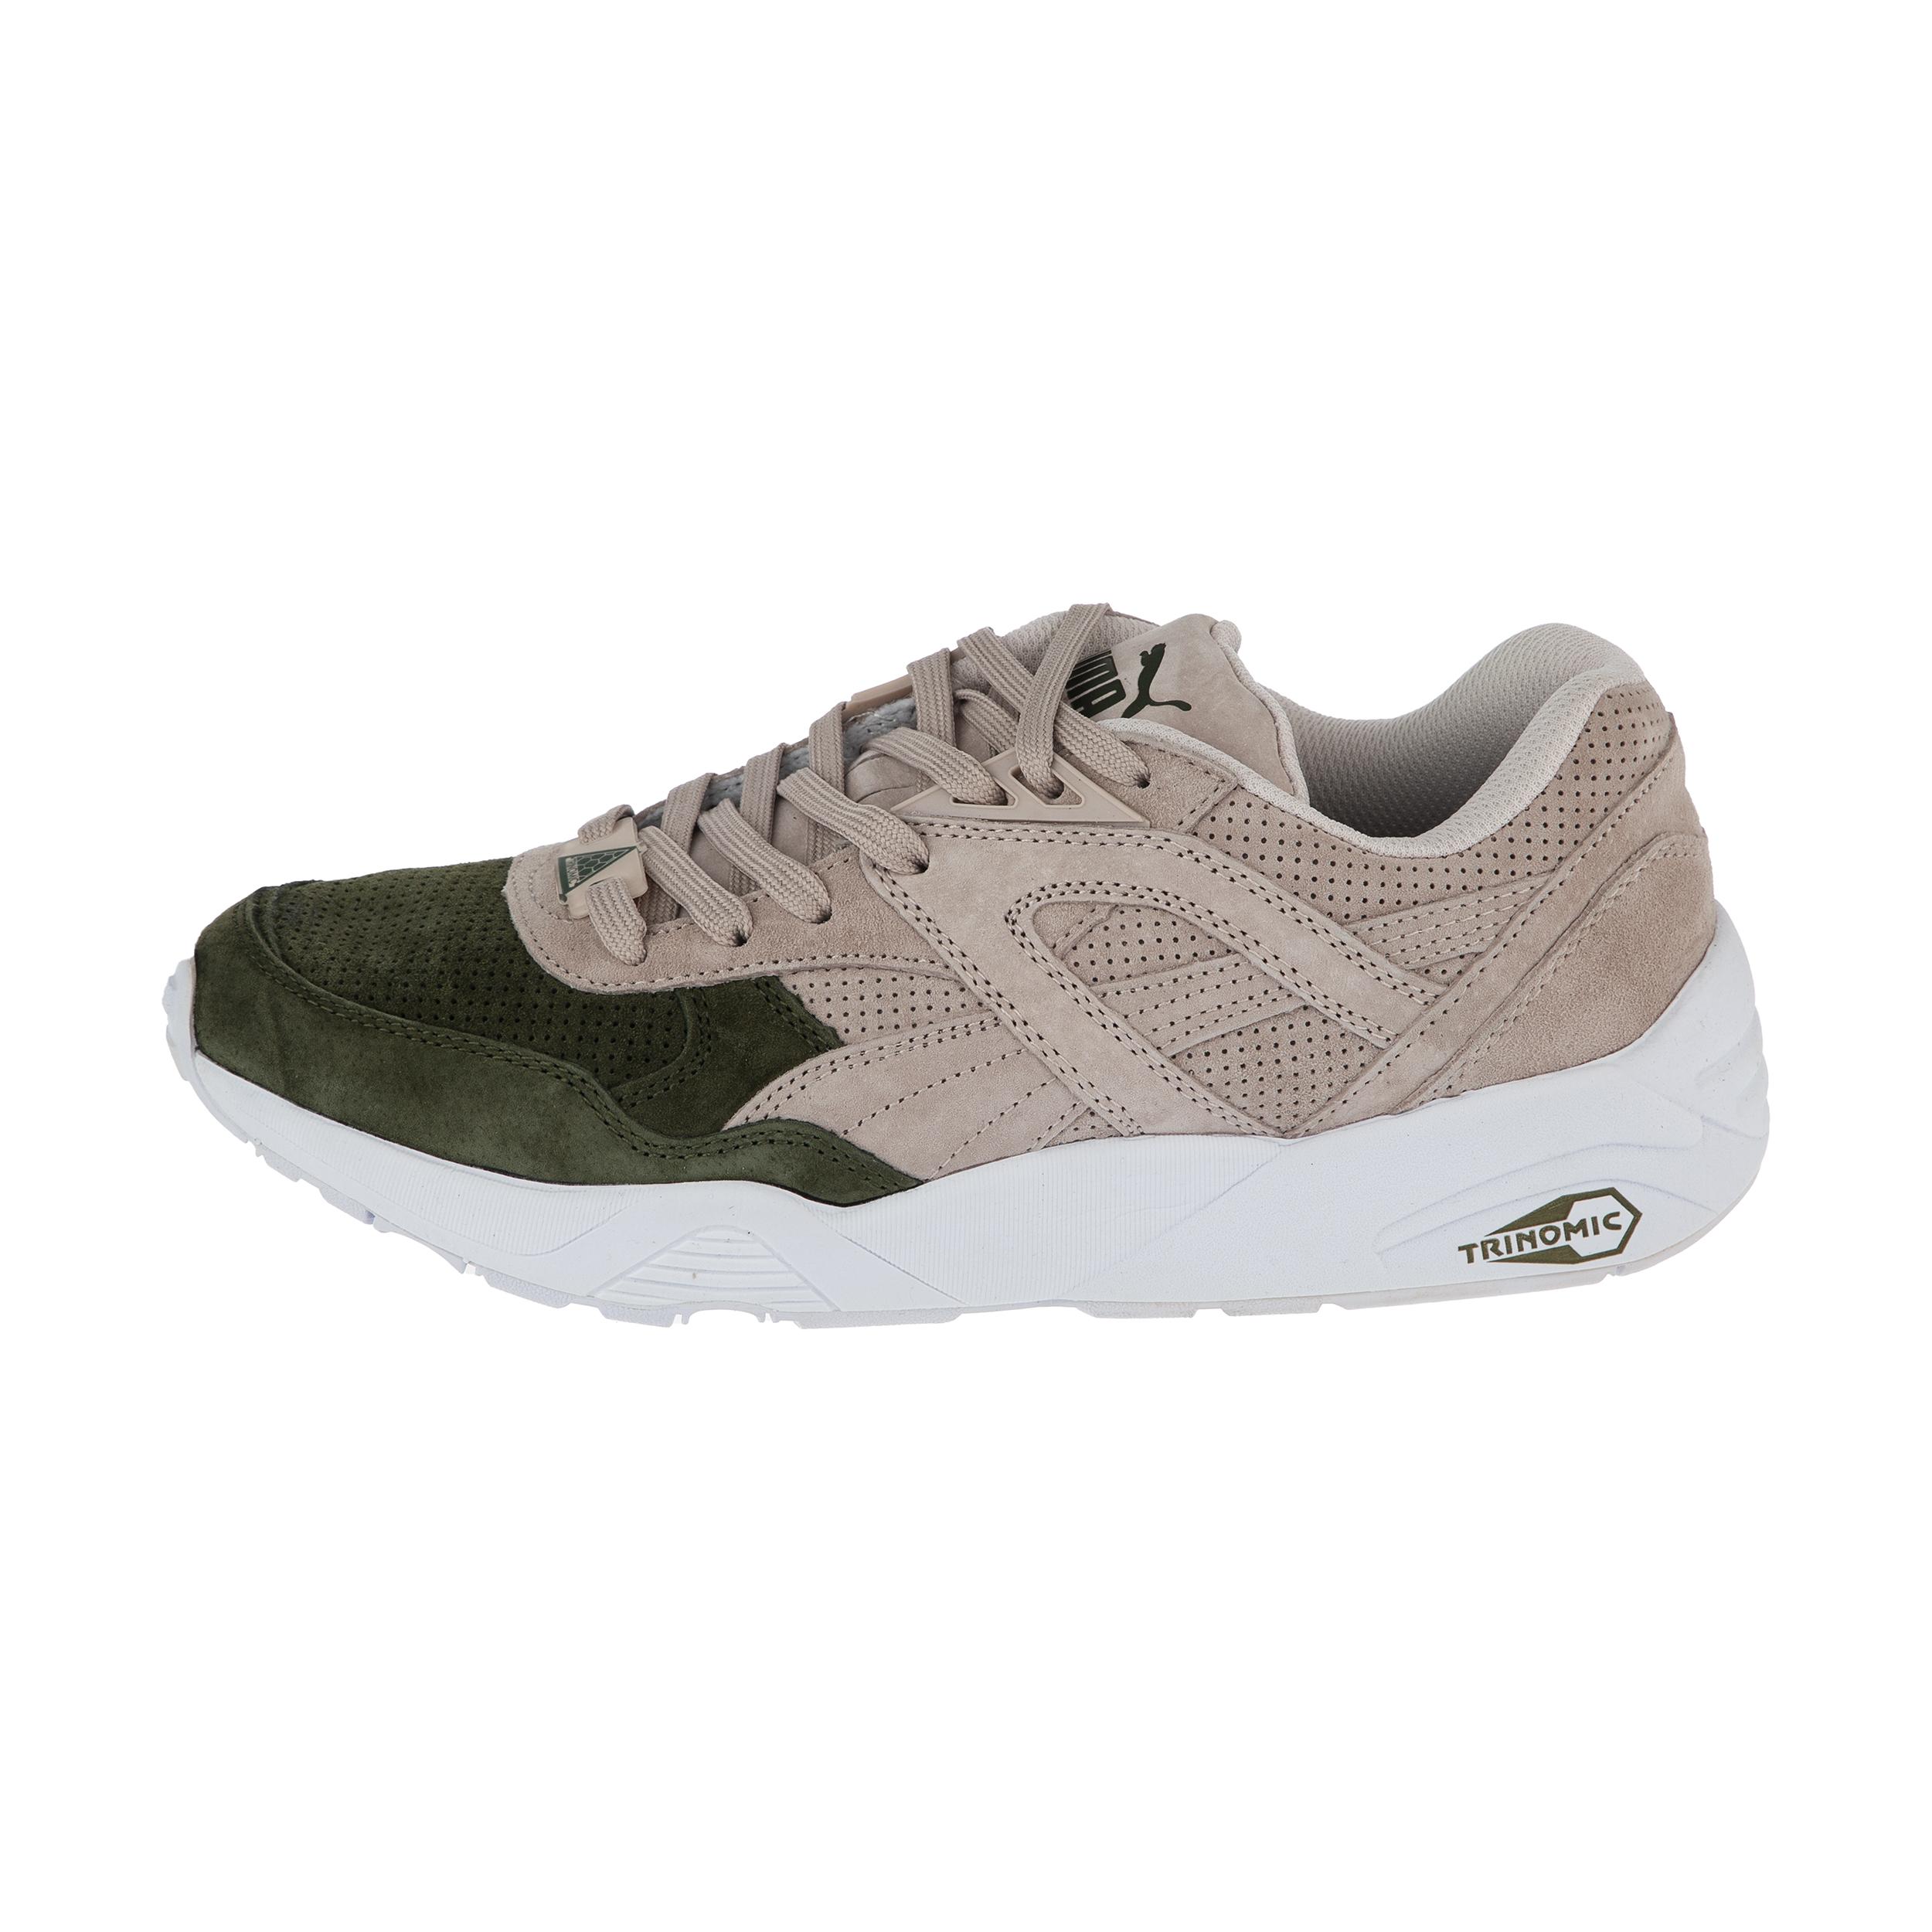 کفش پیاده روی مردانه پوما مدل TRINOMIC R698